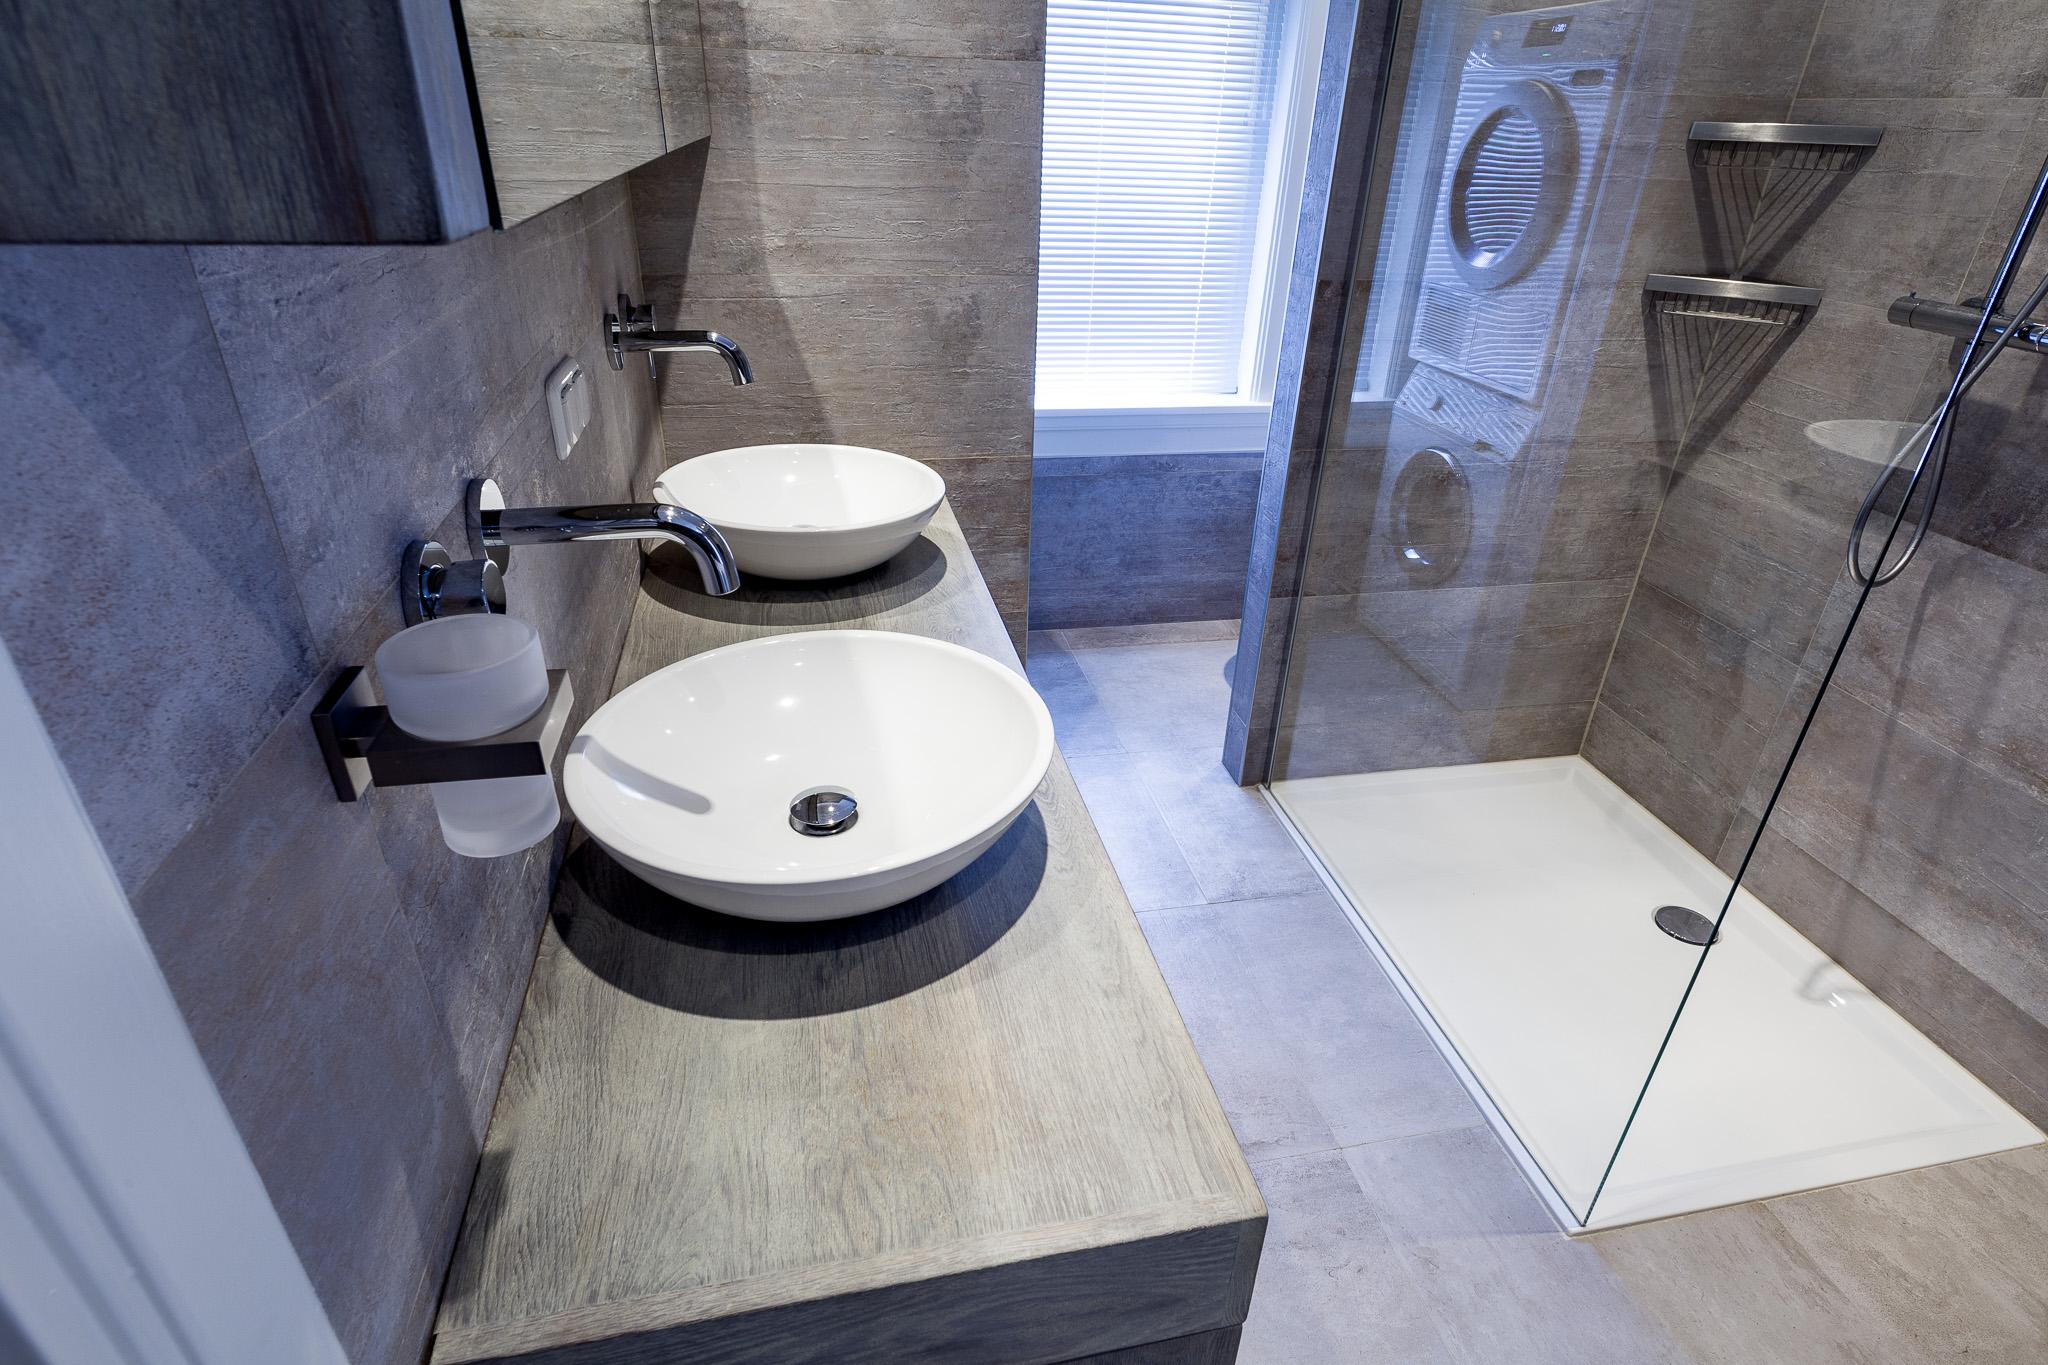 Van slaapkamer naar badkamer - Mooi Wonen Apeldoorn